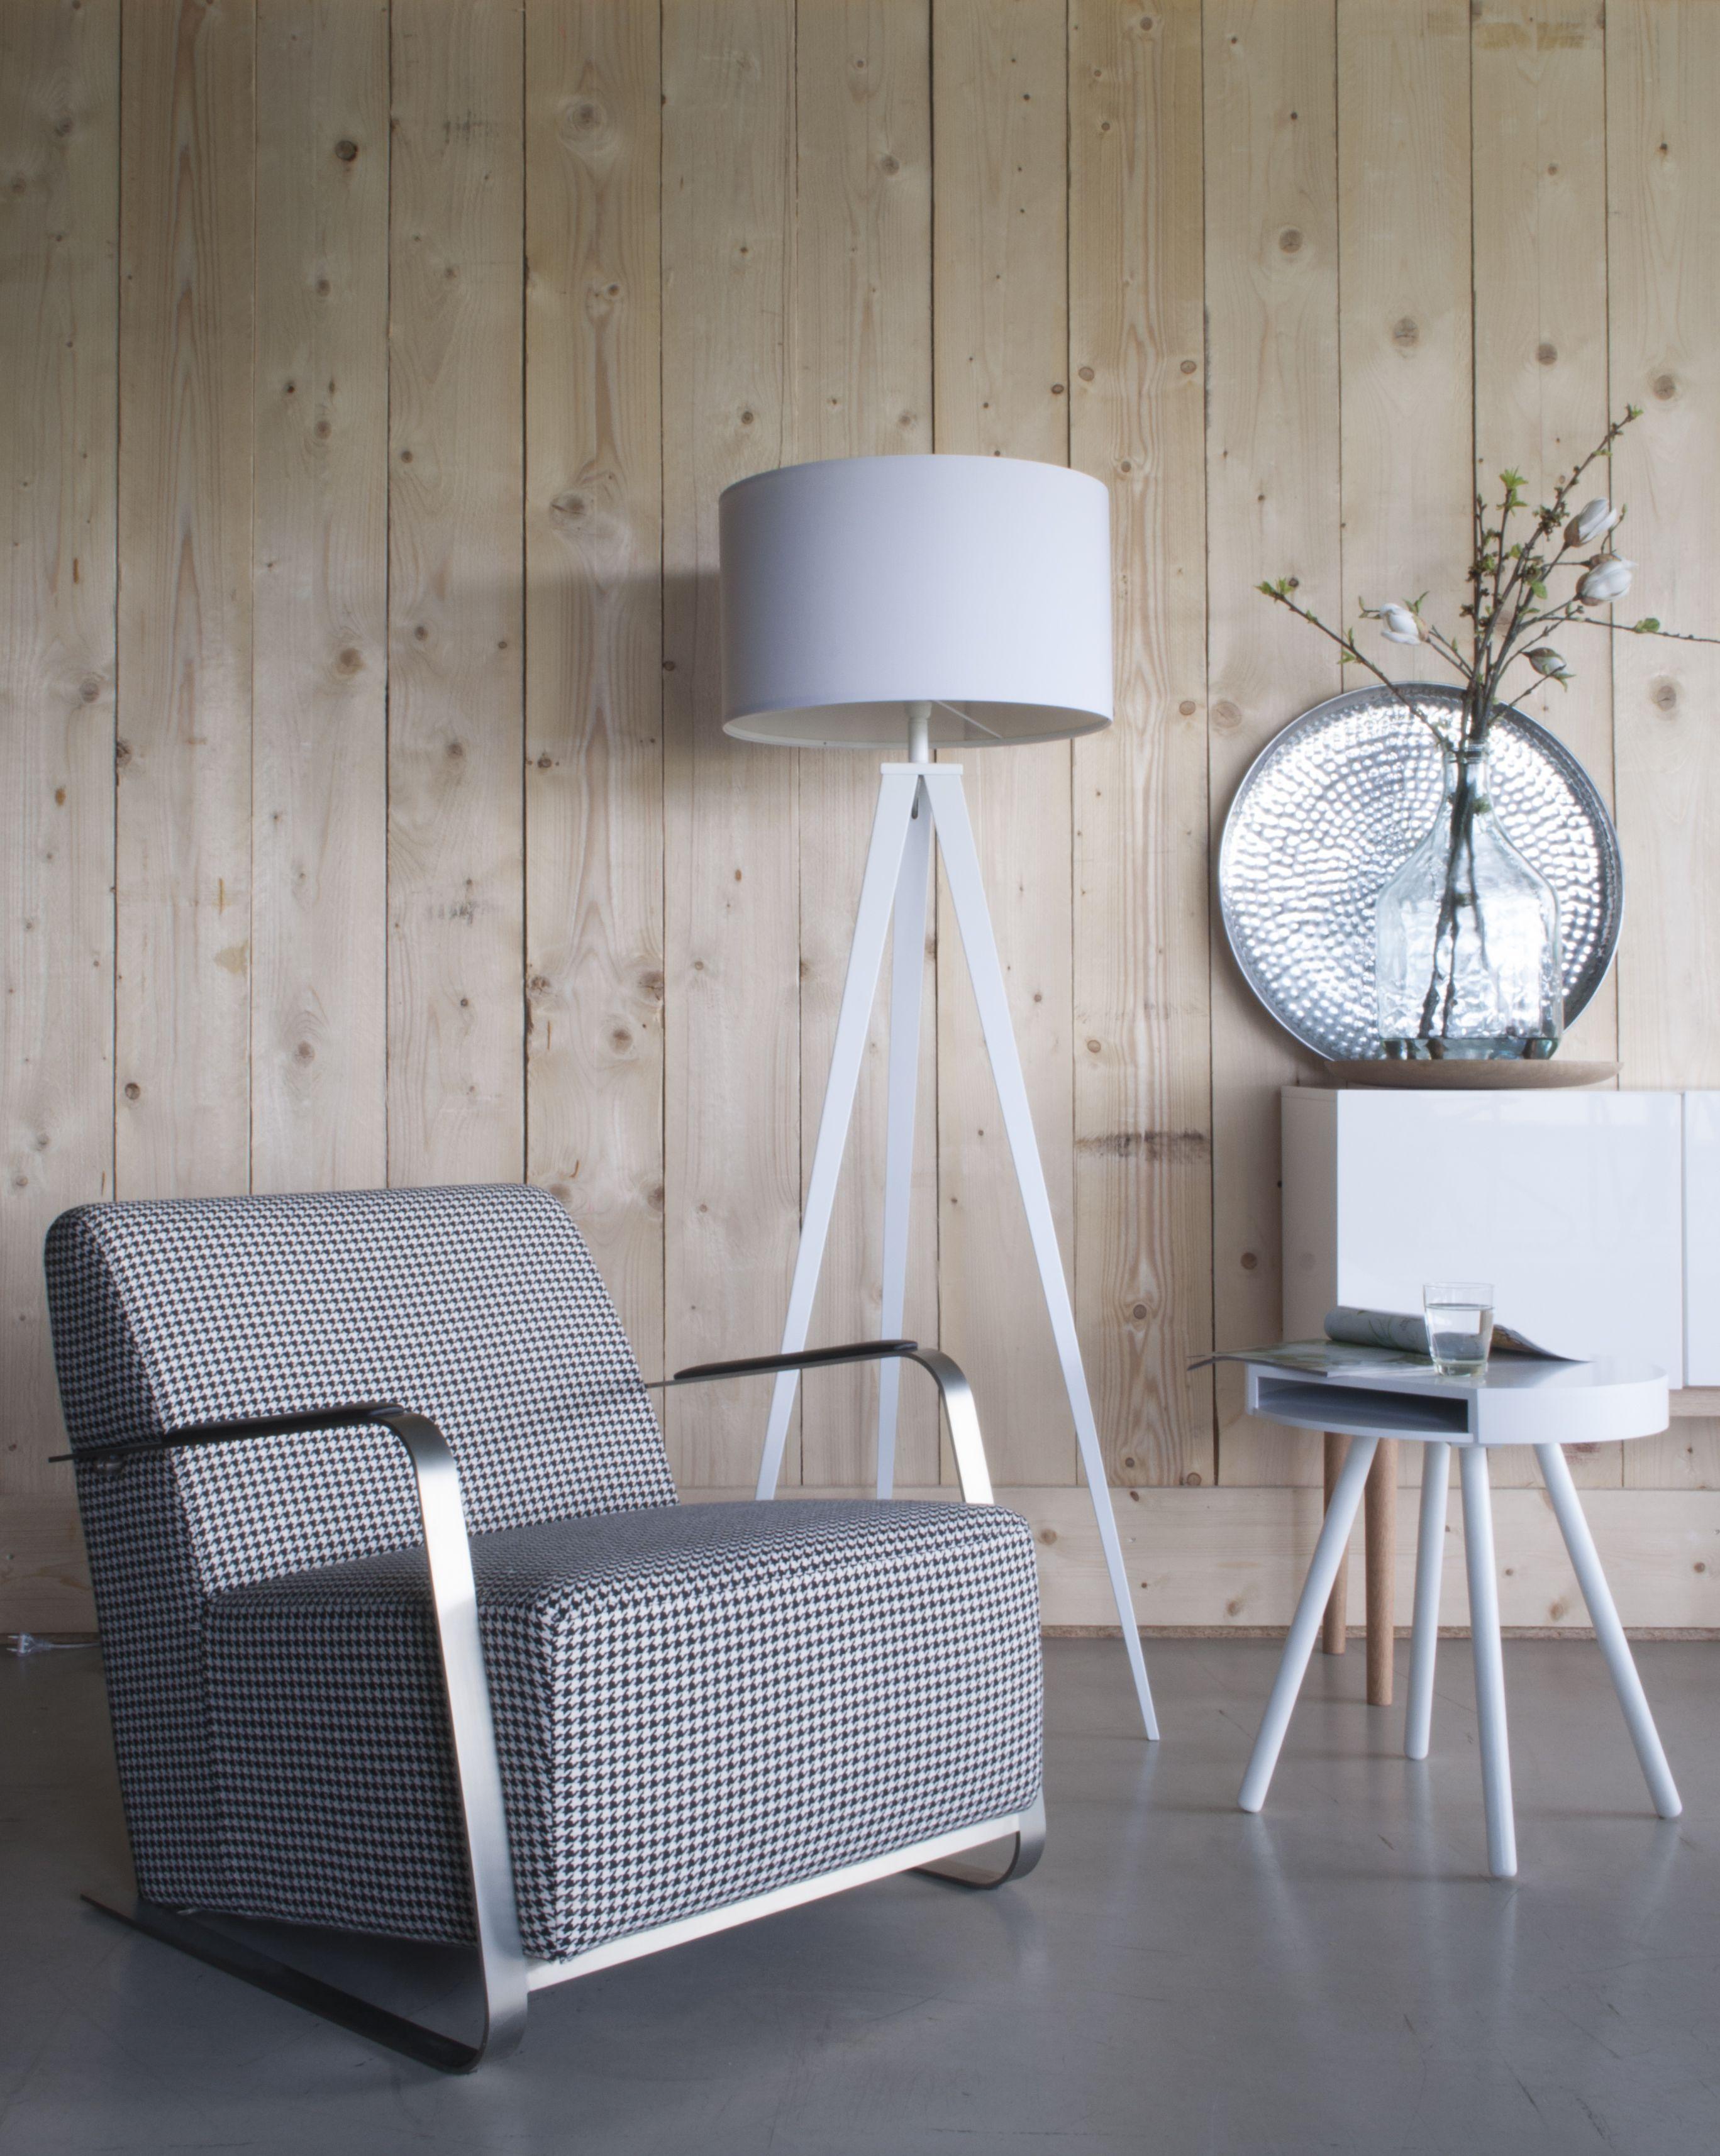 Tripod Floor Lamp Vloerlamp Interieur Meubel Ideeen